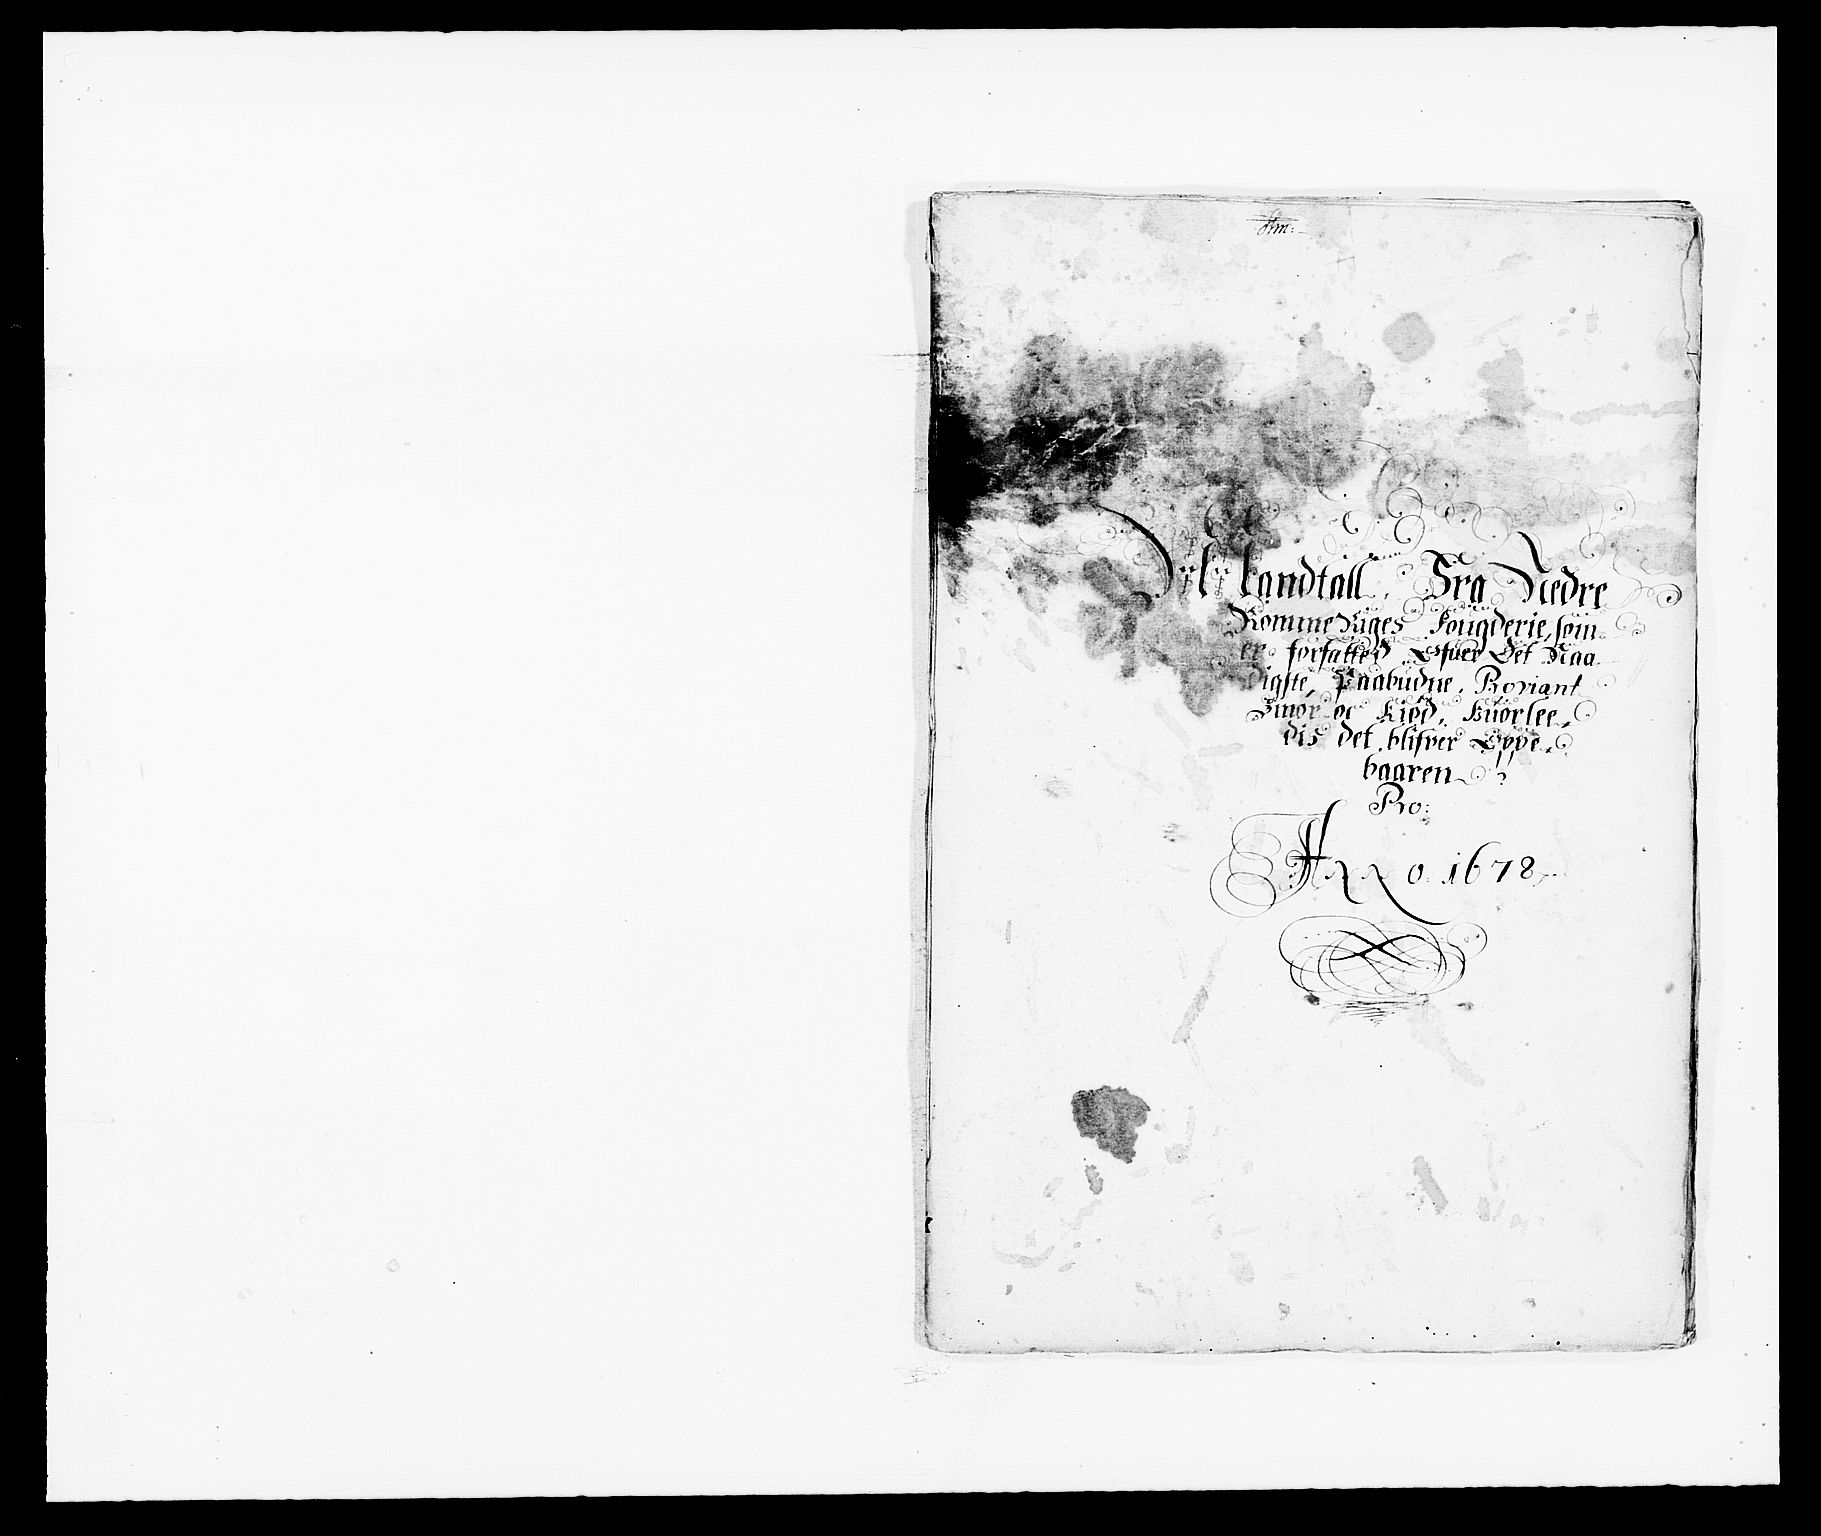 RA, Rentekammeret inntil 1814, Reviderte regnskaper, Fogderegnskap, R11/L0567: Fogderegnskap Nedre Romerike, 1678, s. 158